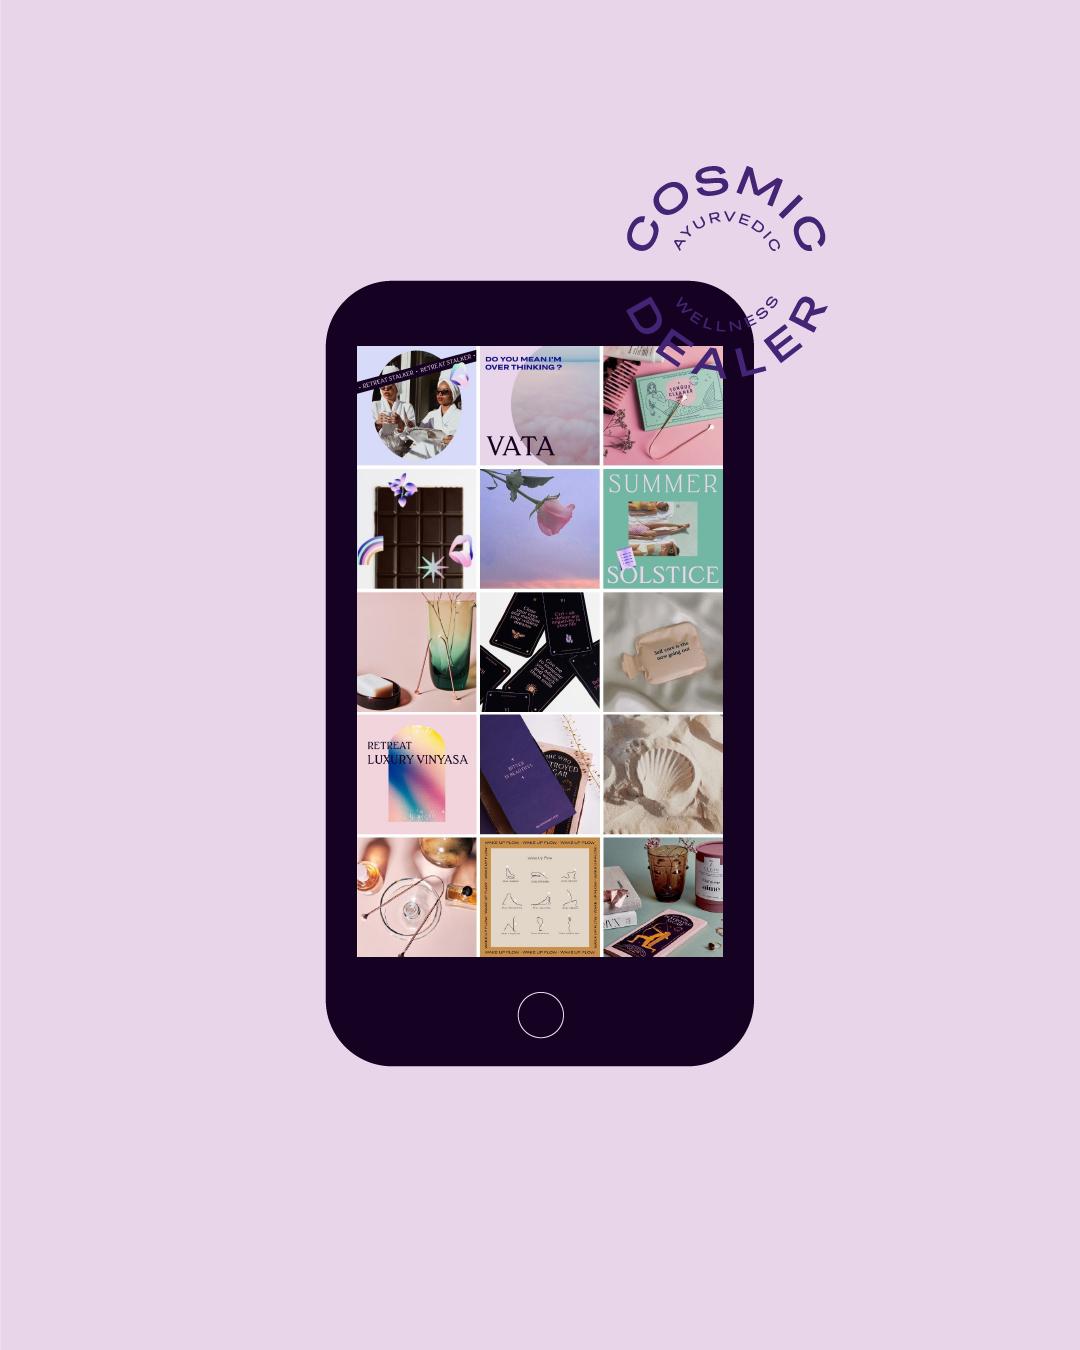 melodydursun-socialmedia-freelance-paris-cosmicdealer-12